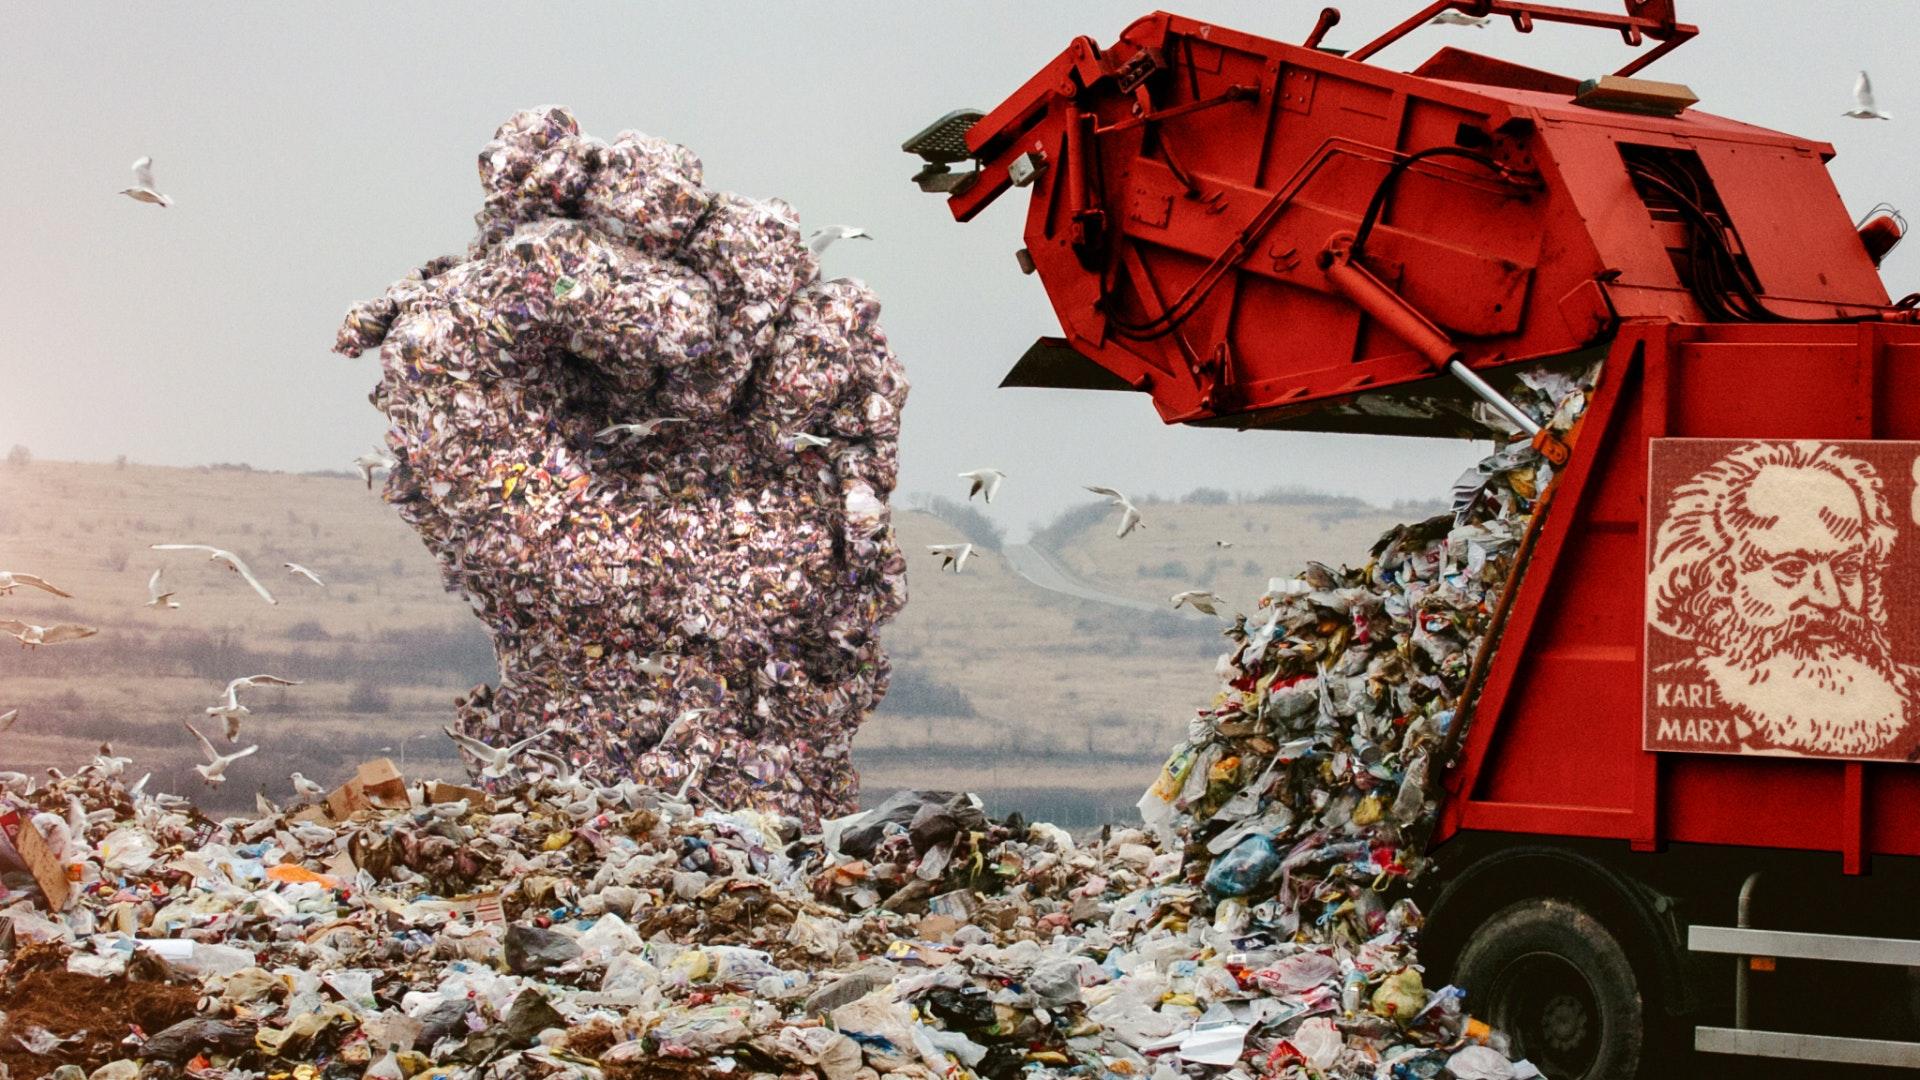 Ep. 1297 - Reminder: BLM Is A Communist Garbage Organization